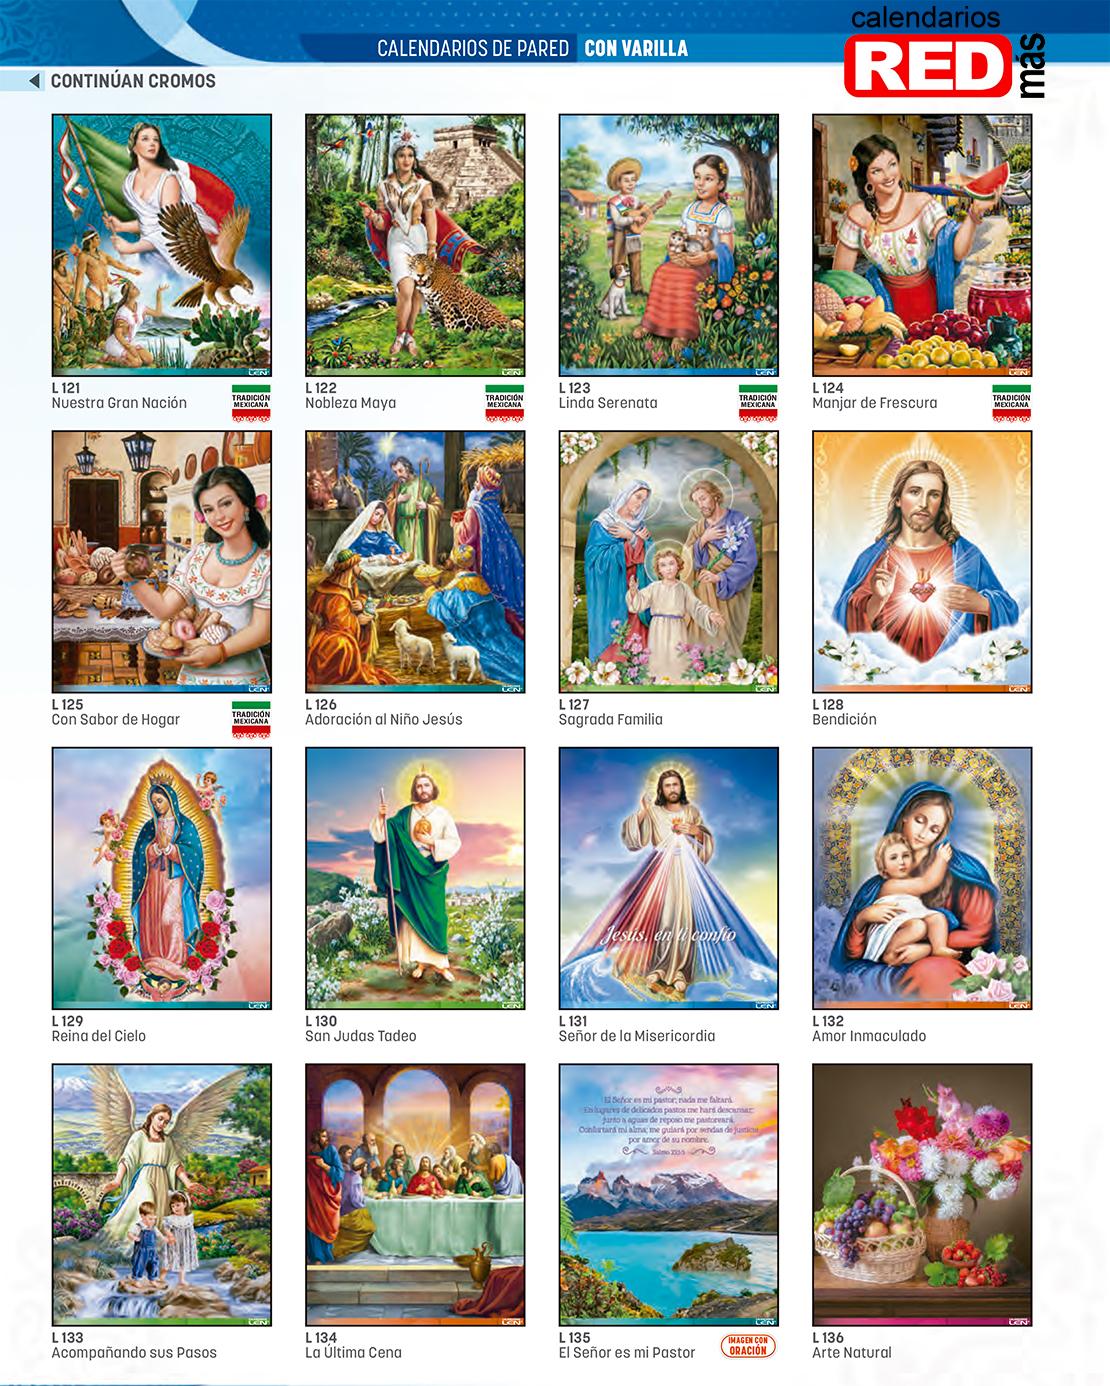 38-Catalogo-Calendarios-LEN-2021-Serie-L-121-136-calendarios-red-2021.jpg